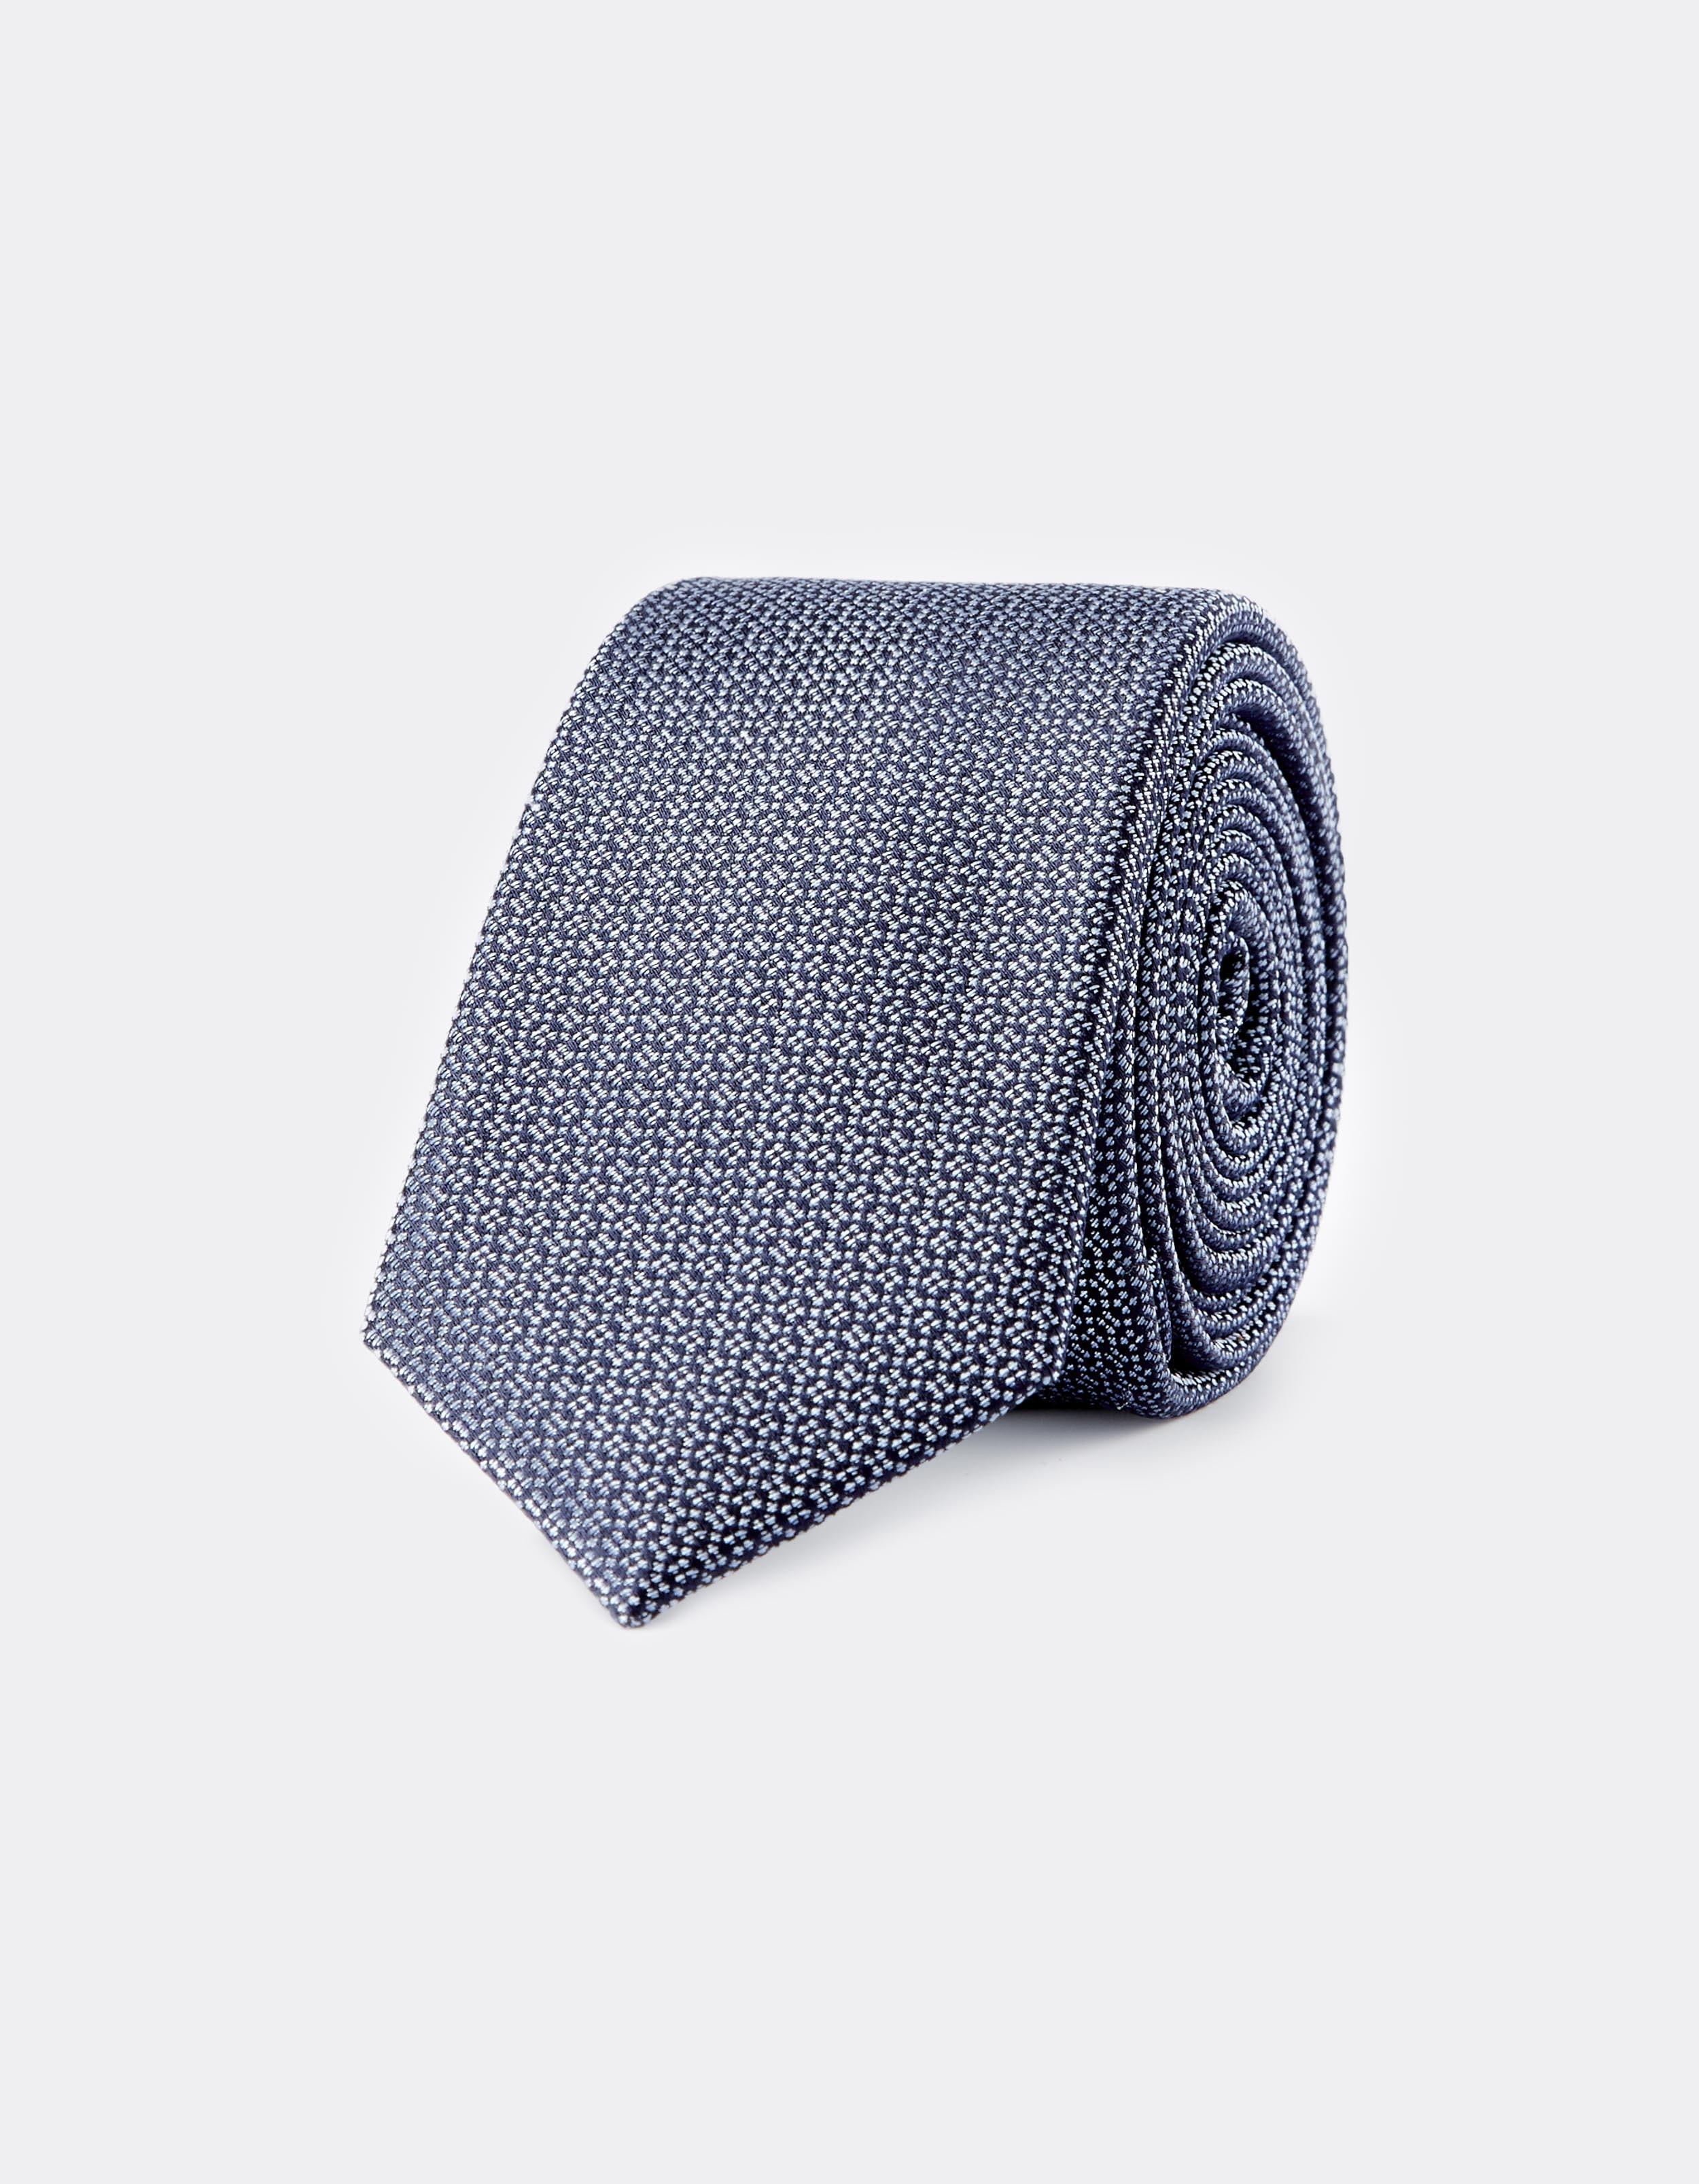 cravate 100% soie fantaisie Celio Club Prix 29,99 €